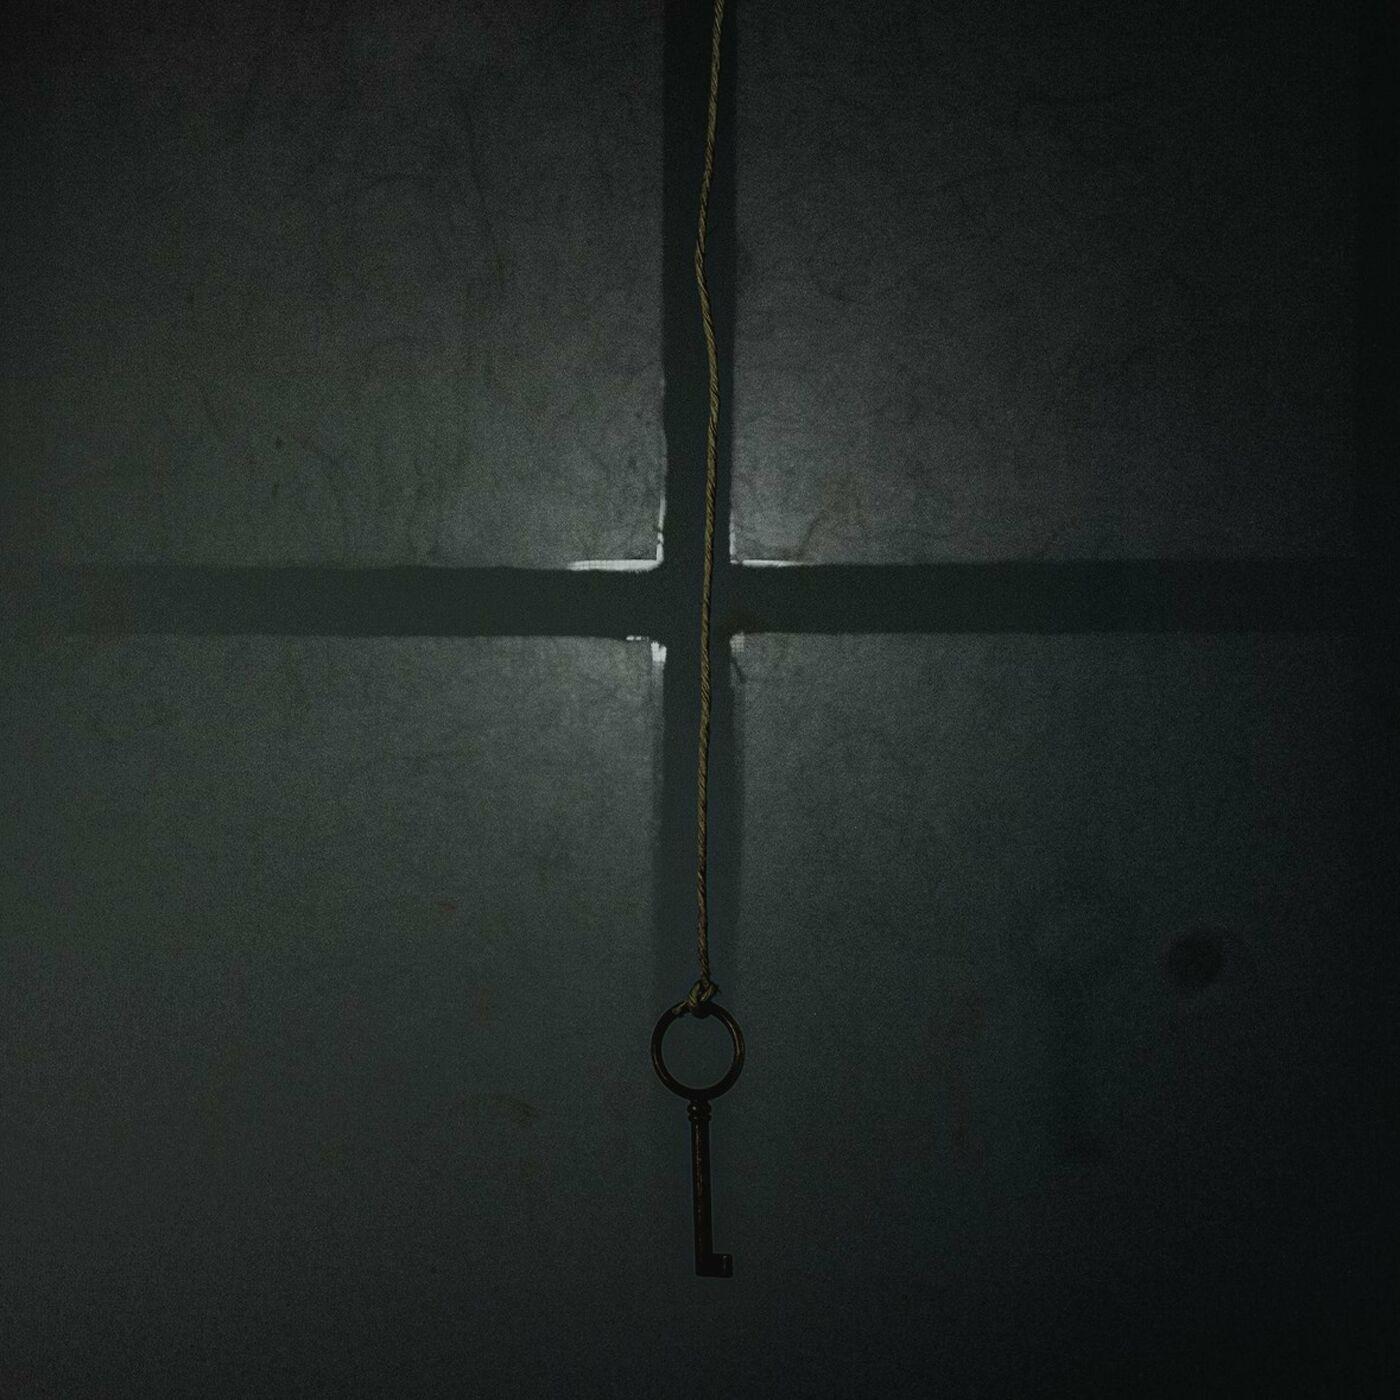 His Kingdom Suffers - Spiritual Warfare [single] (2020)